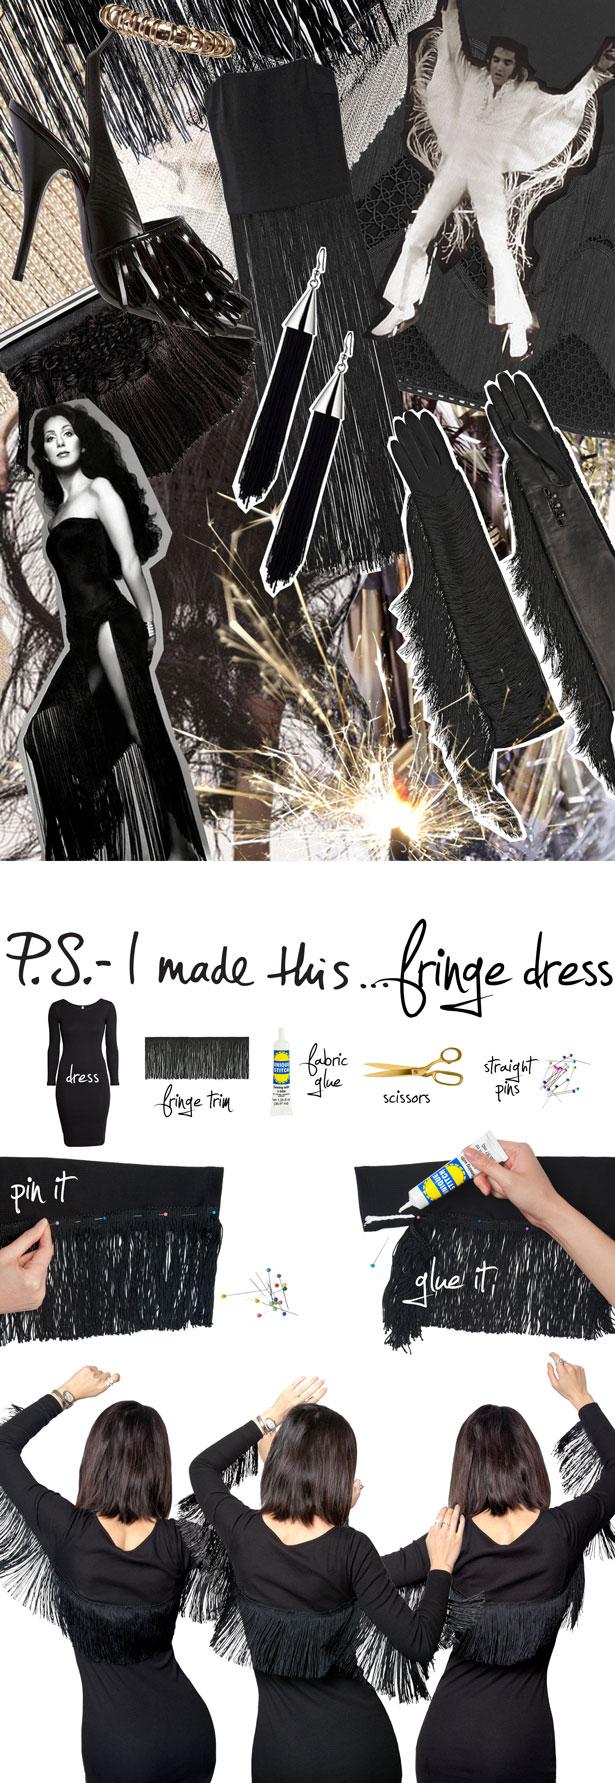 12.04.14_Fringe-Dress-MERGED2